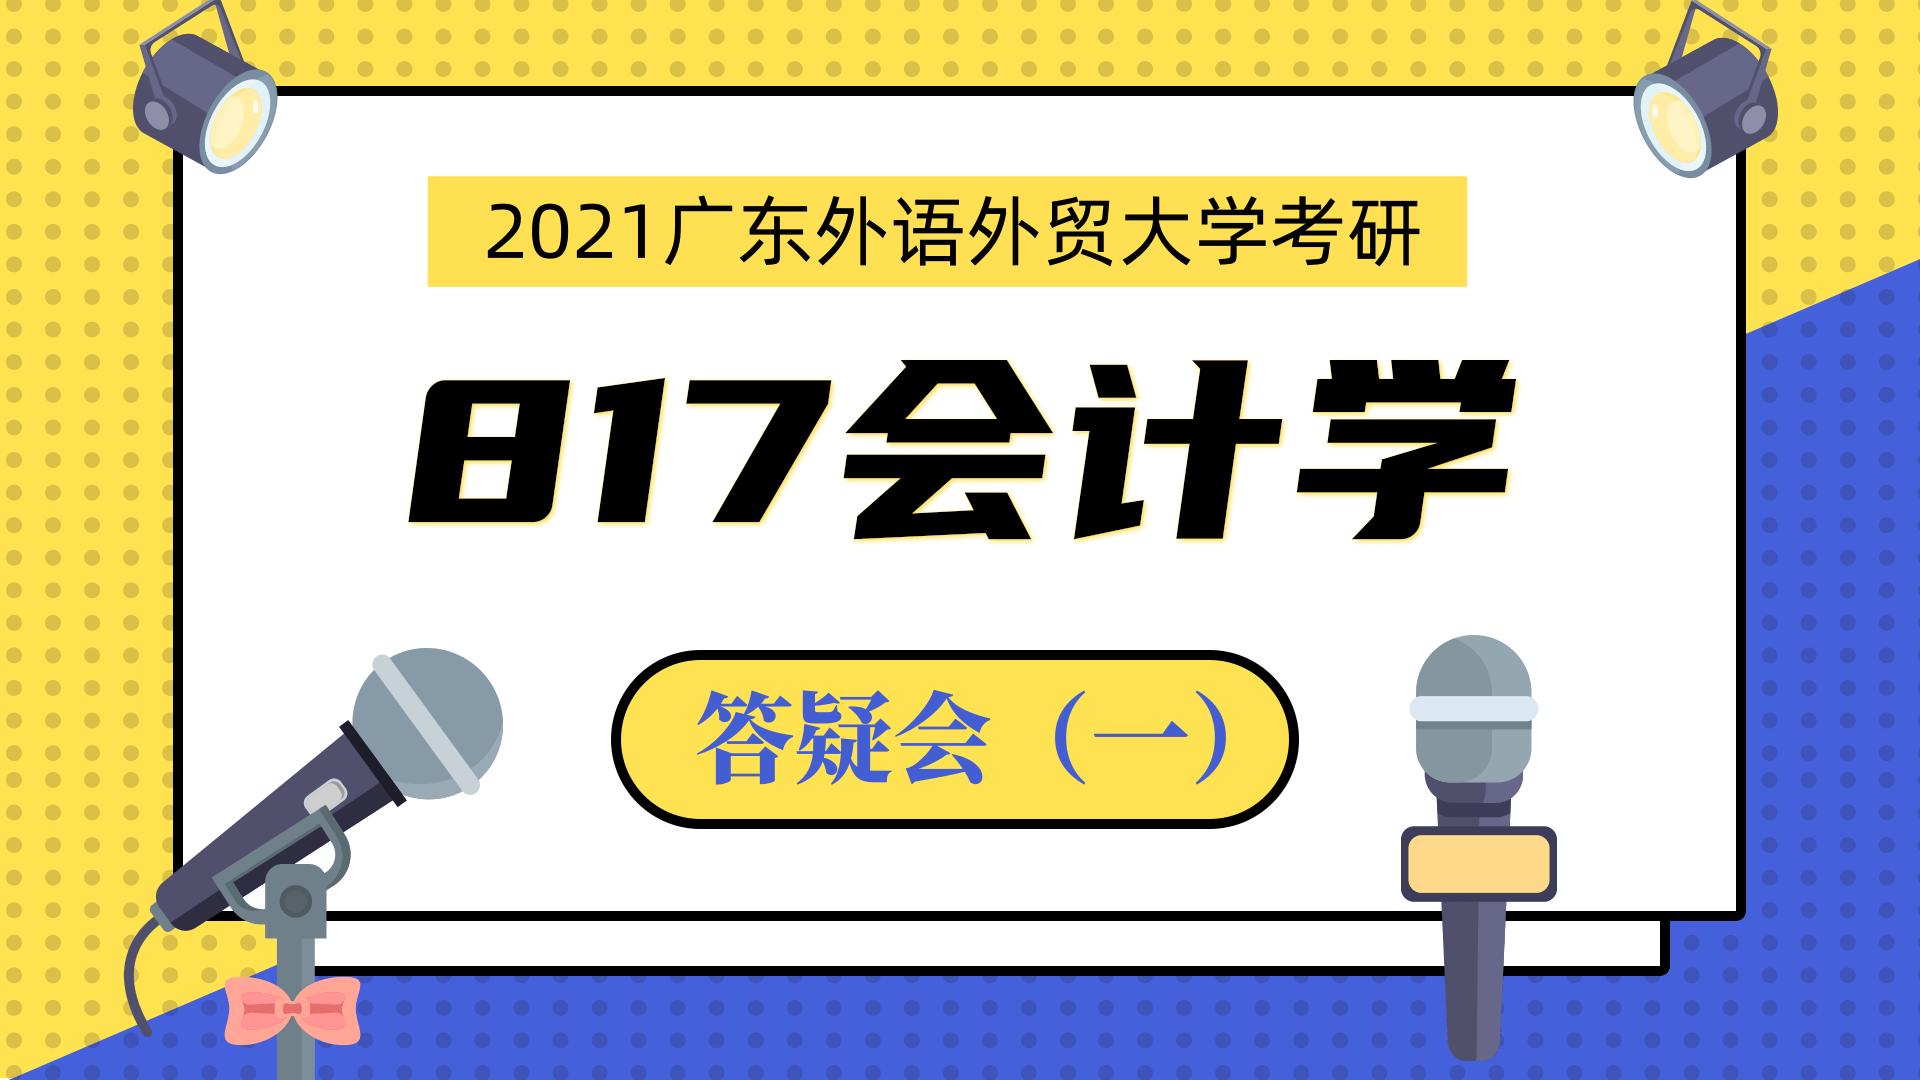 2021广东外语外贸大学817会计学考研主题答疑会(一)